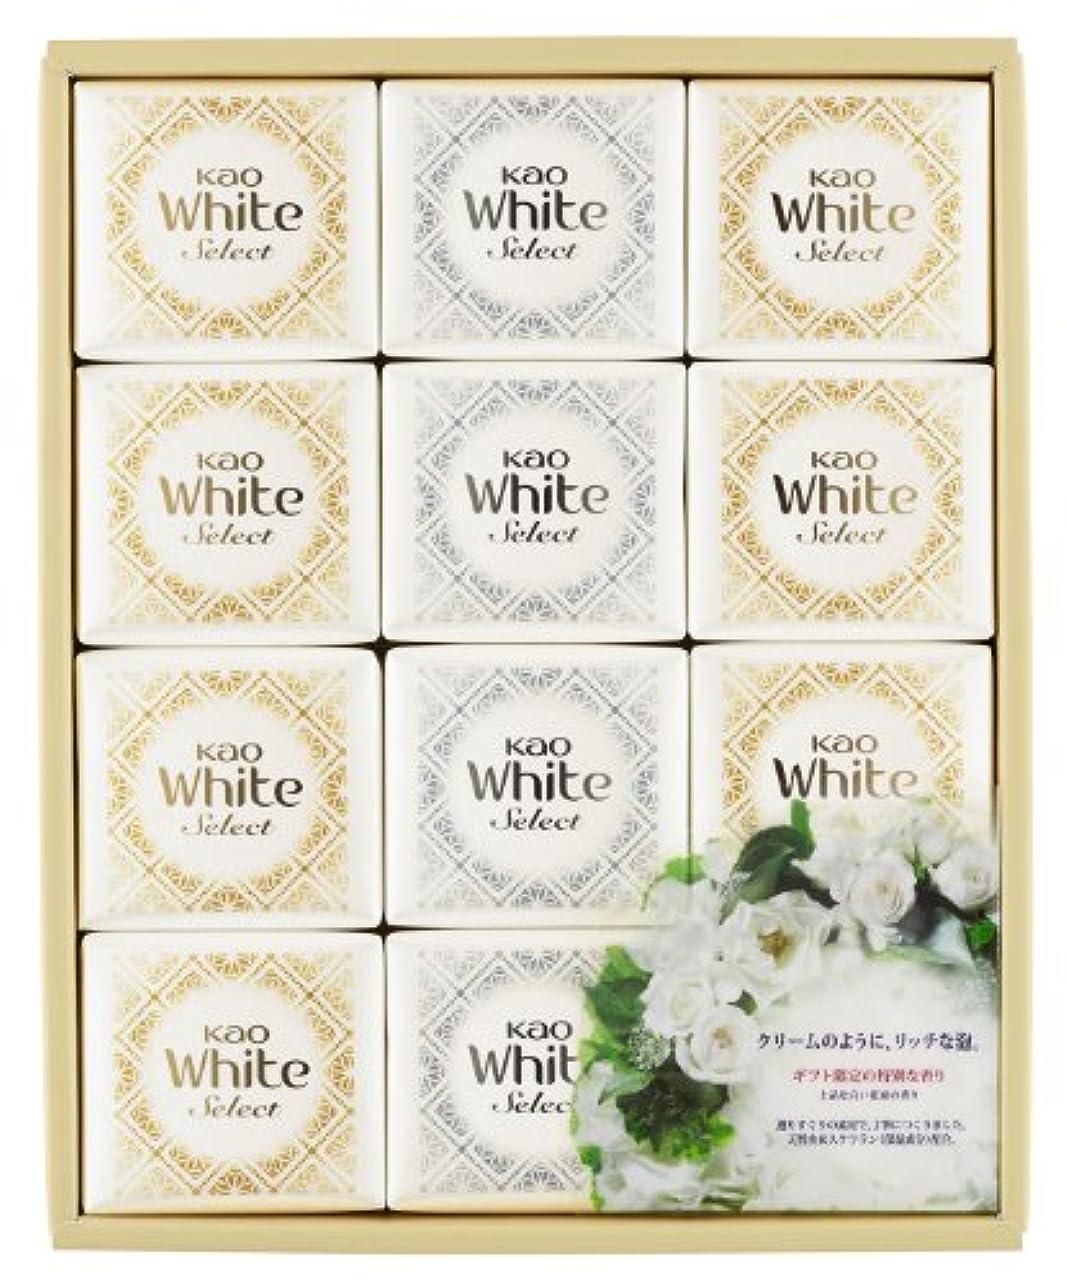 ジャンル主観的機構花王ホワイト セレクト 上品な白い花束の香り 85g 12コ K?WS-20